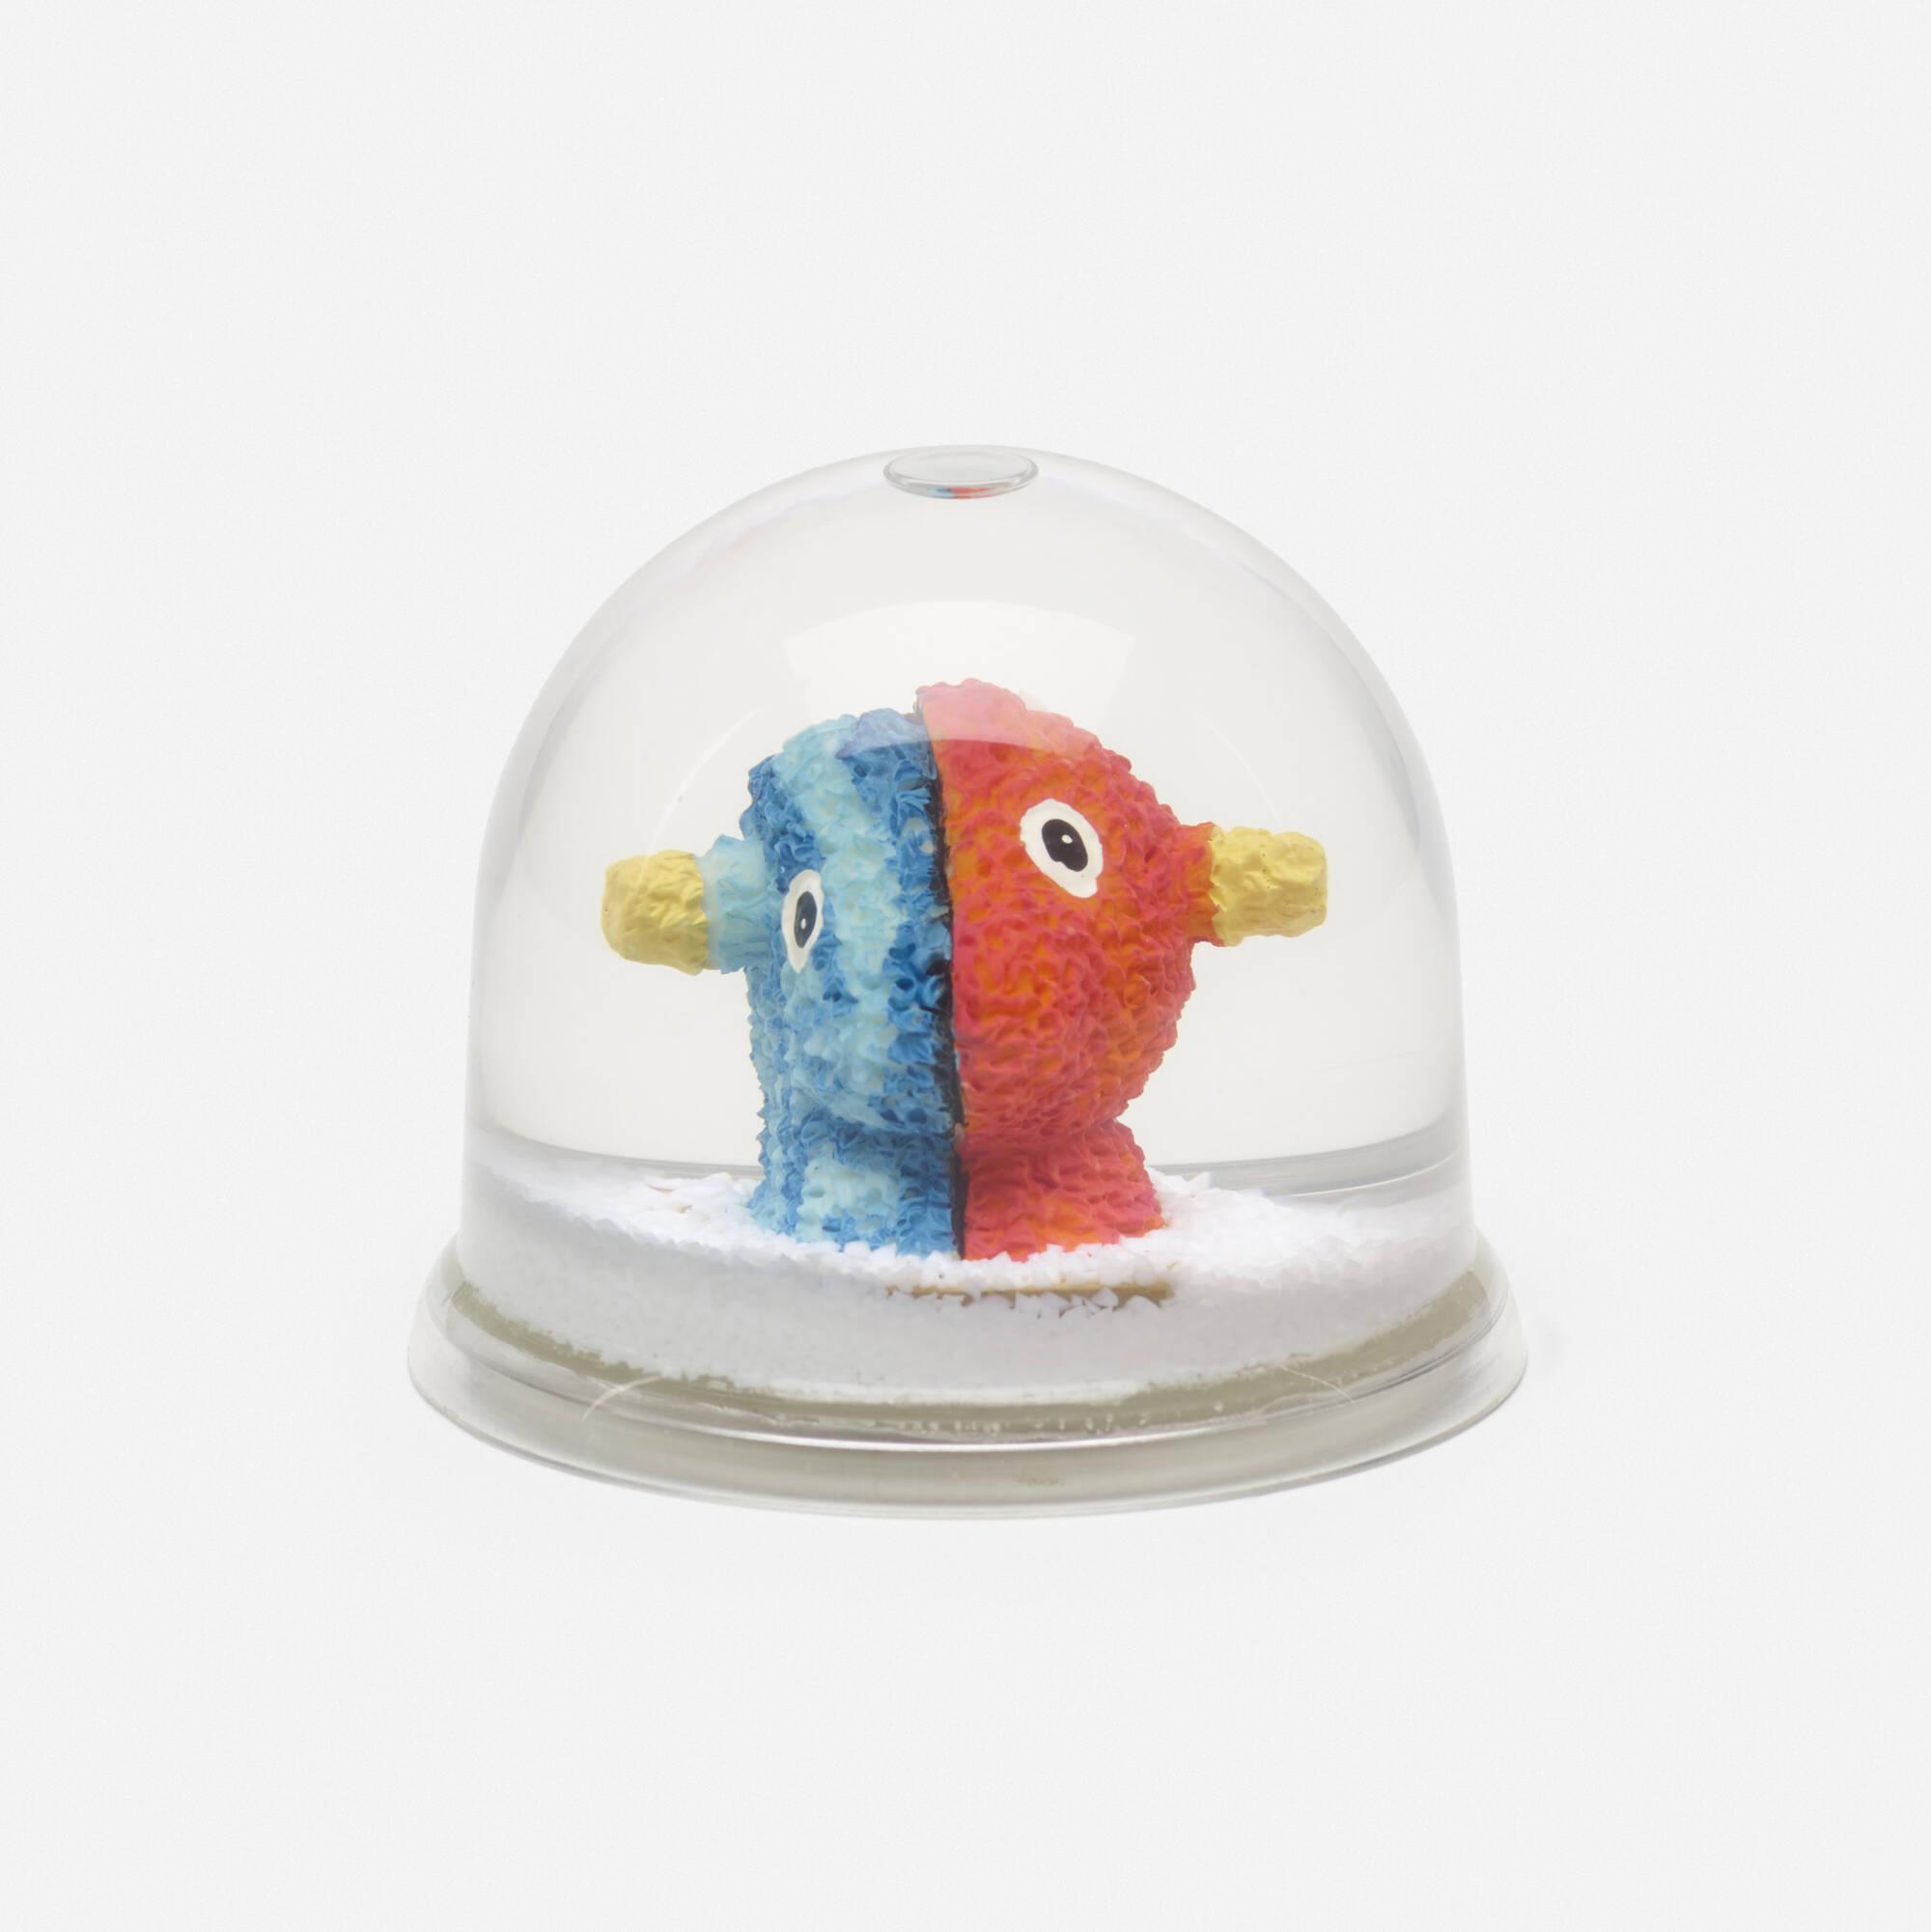 399: Jeff Koons / Split Rocker snow globe (1 of 2)